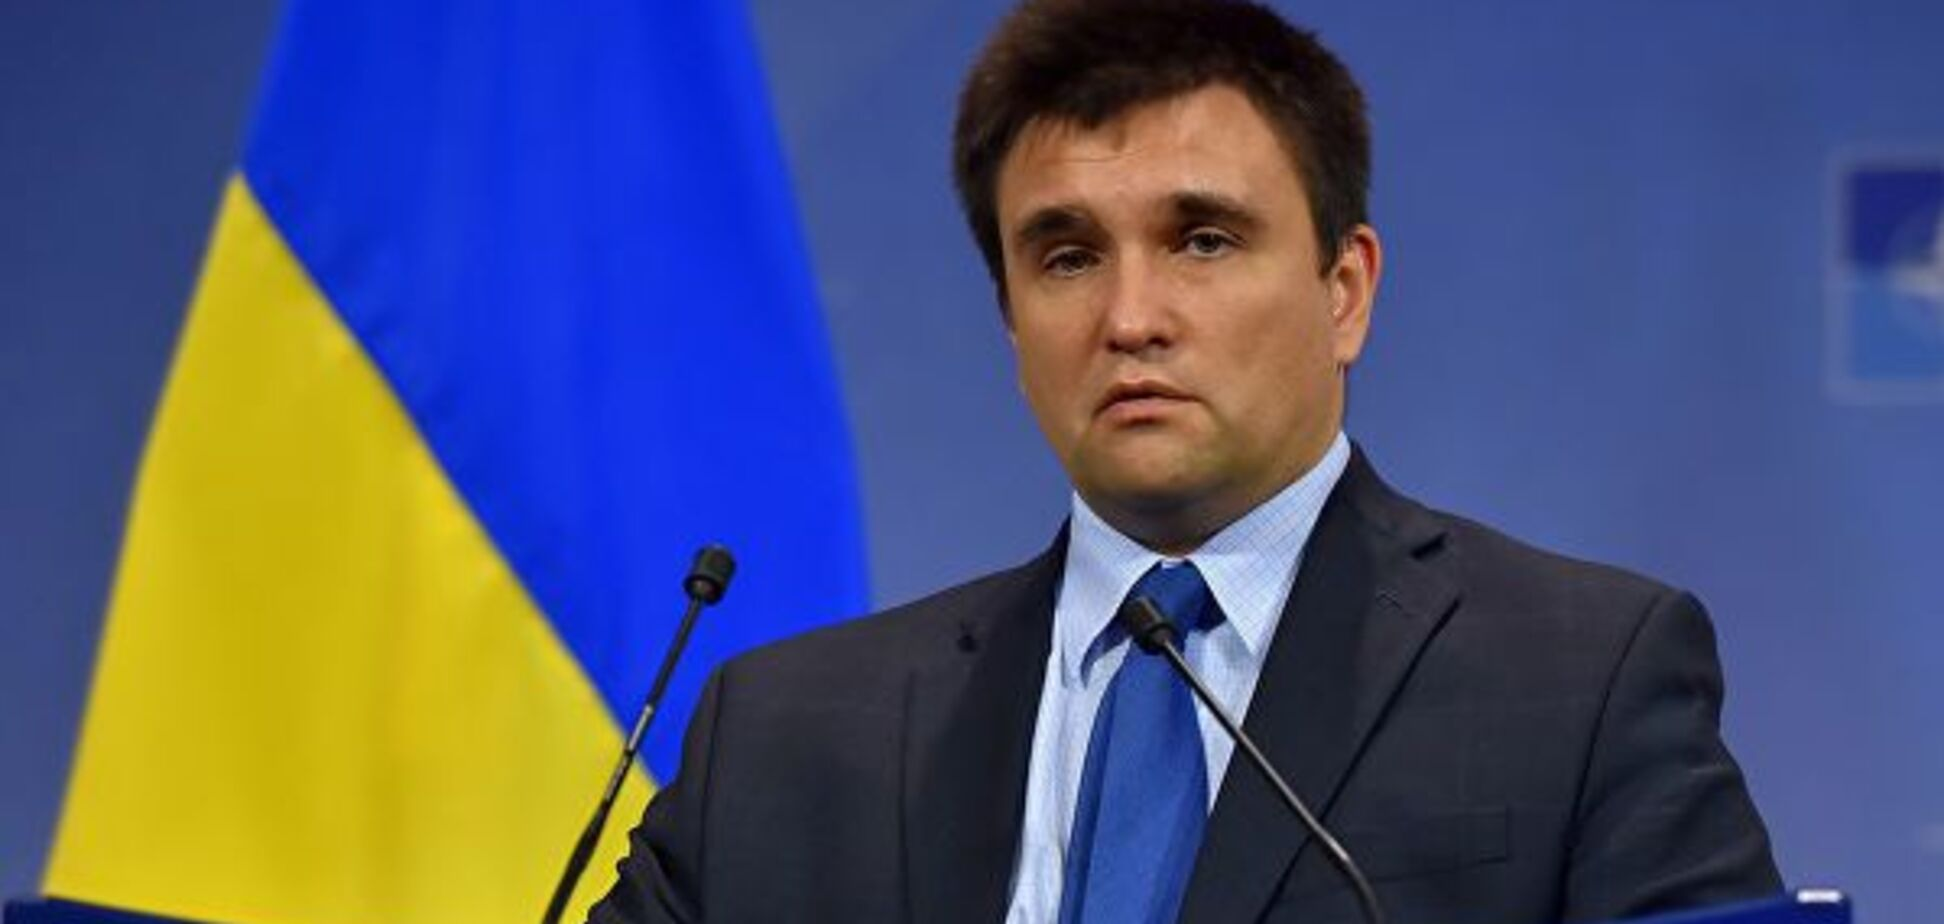 Подвійне громадянство в Україні: Клімкін зробив несподівану заяву